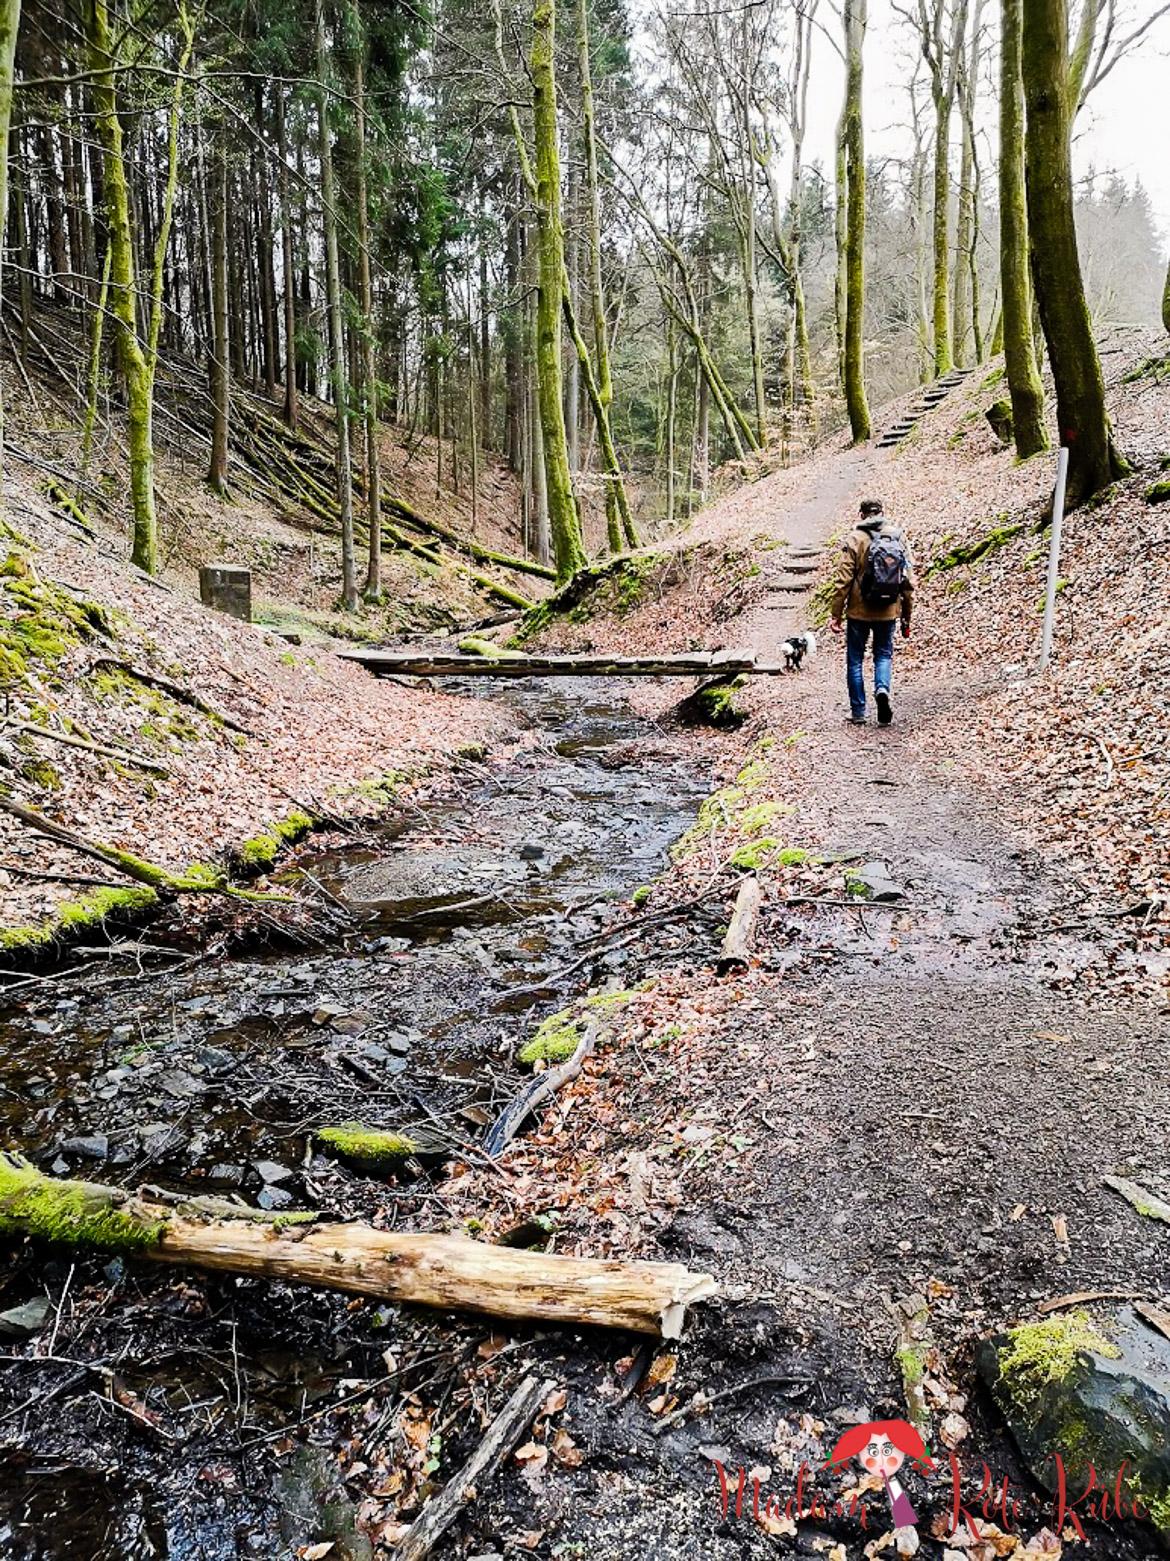 Madam Rote Rübe - Rucksackschmaus | Wandern auf dem Tiefenbachpfad in St. Wendel